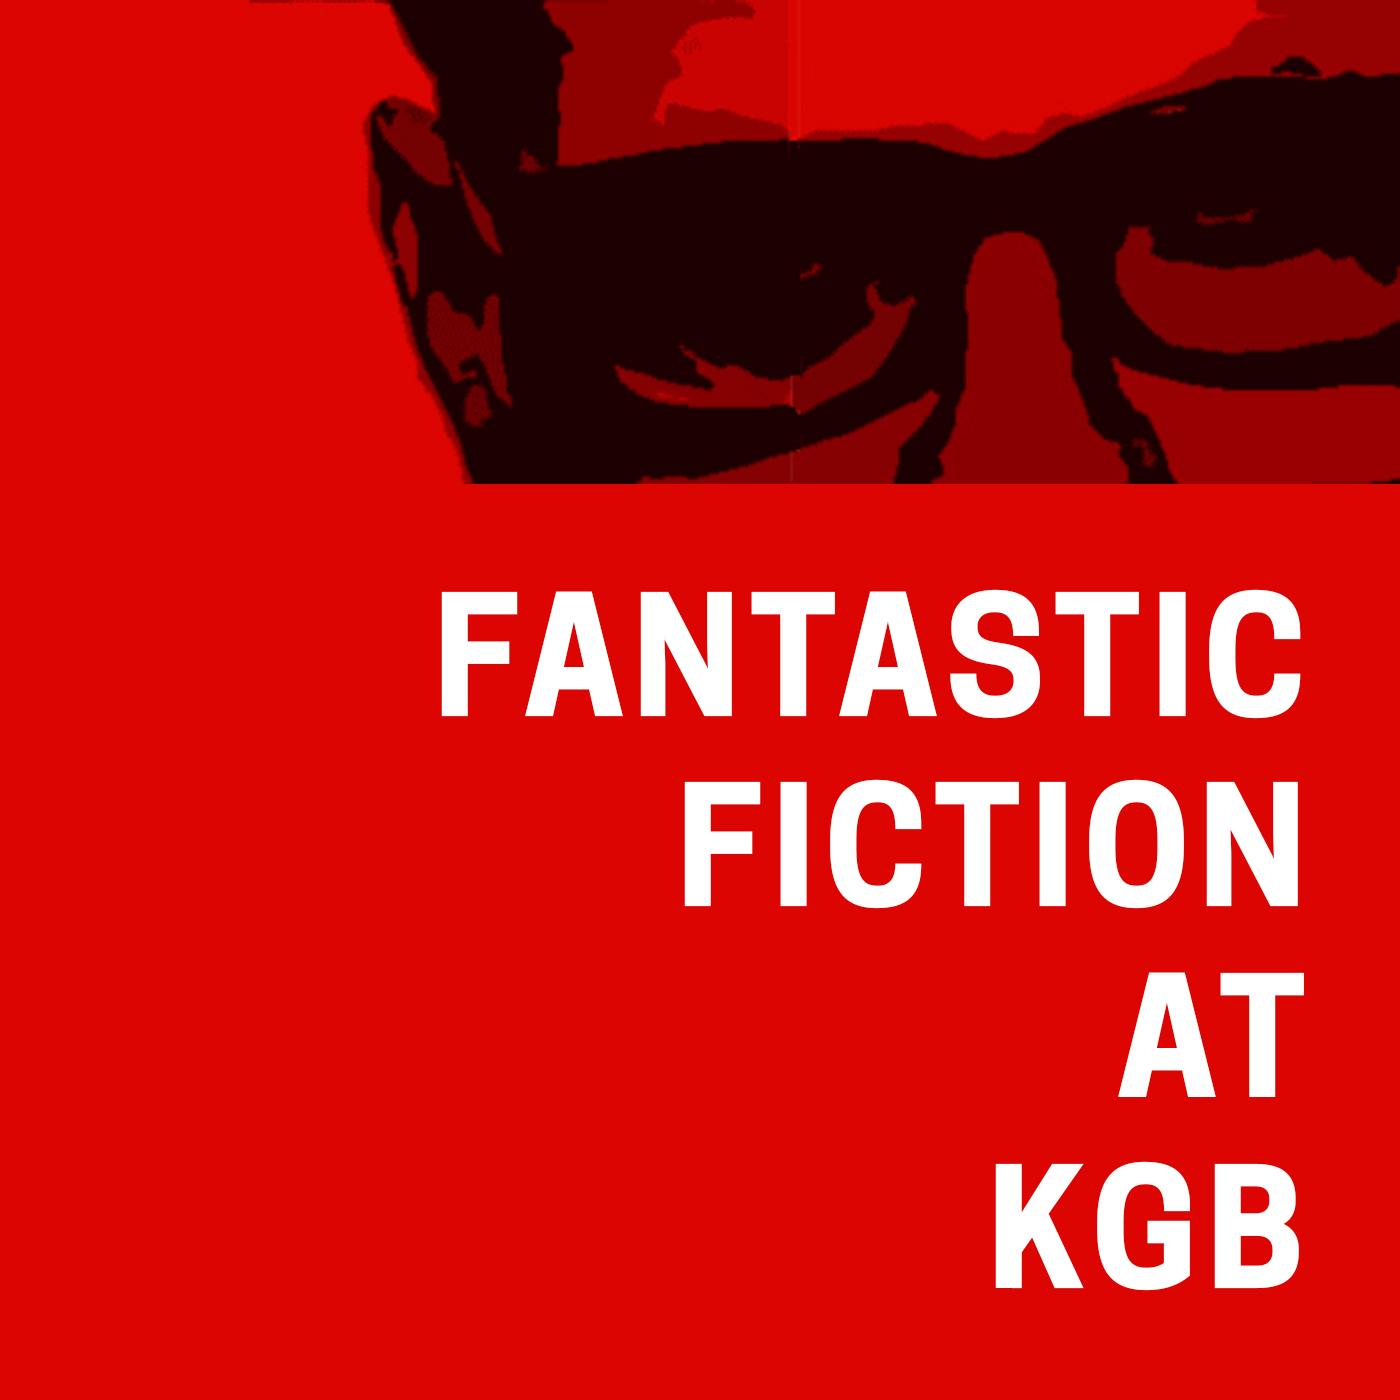 Fantastic Fiction at KGB